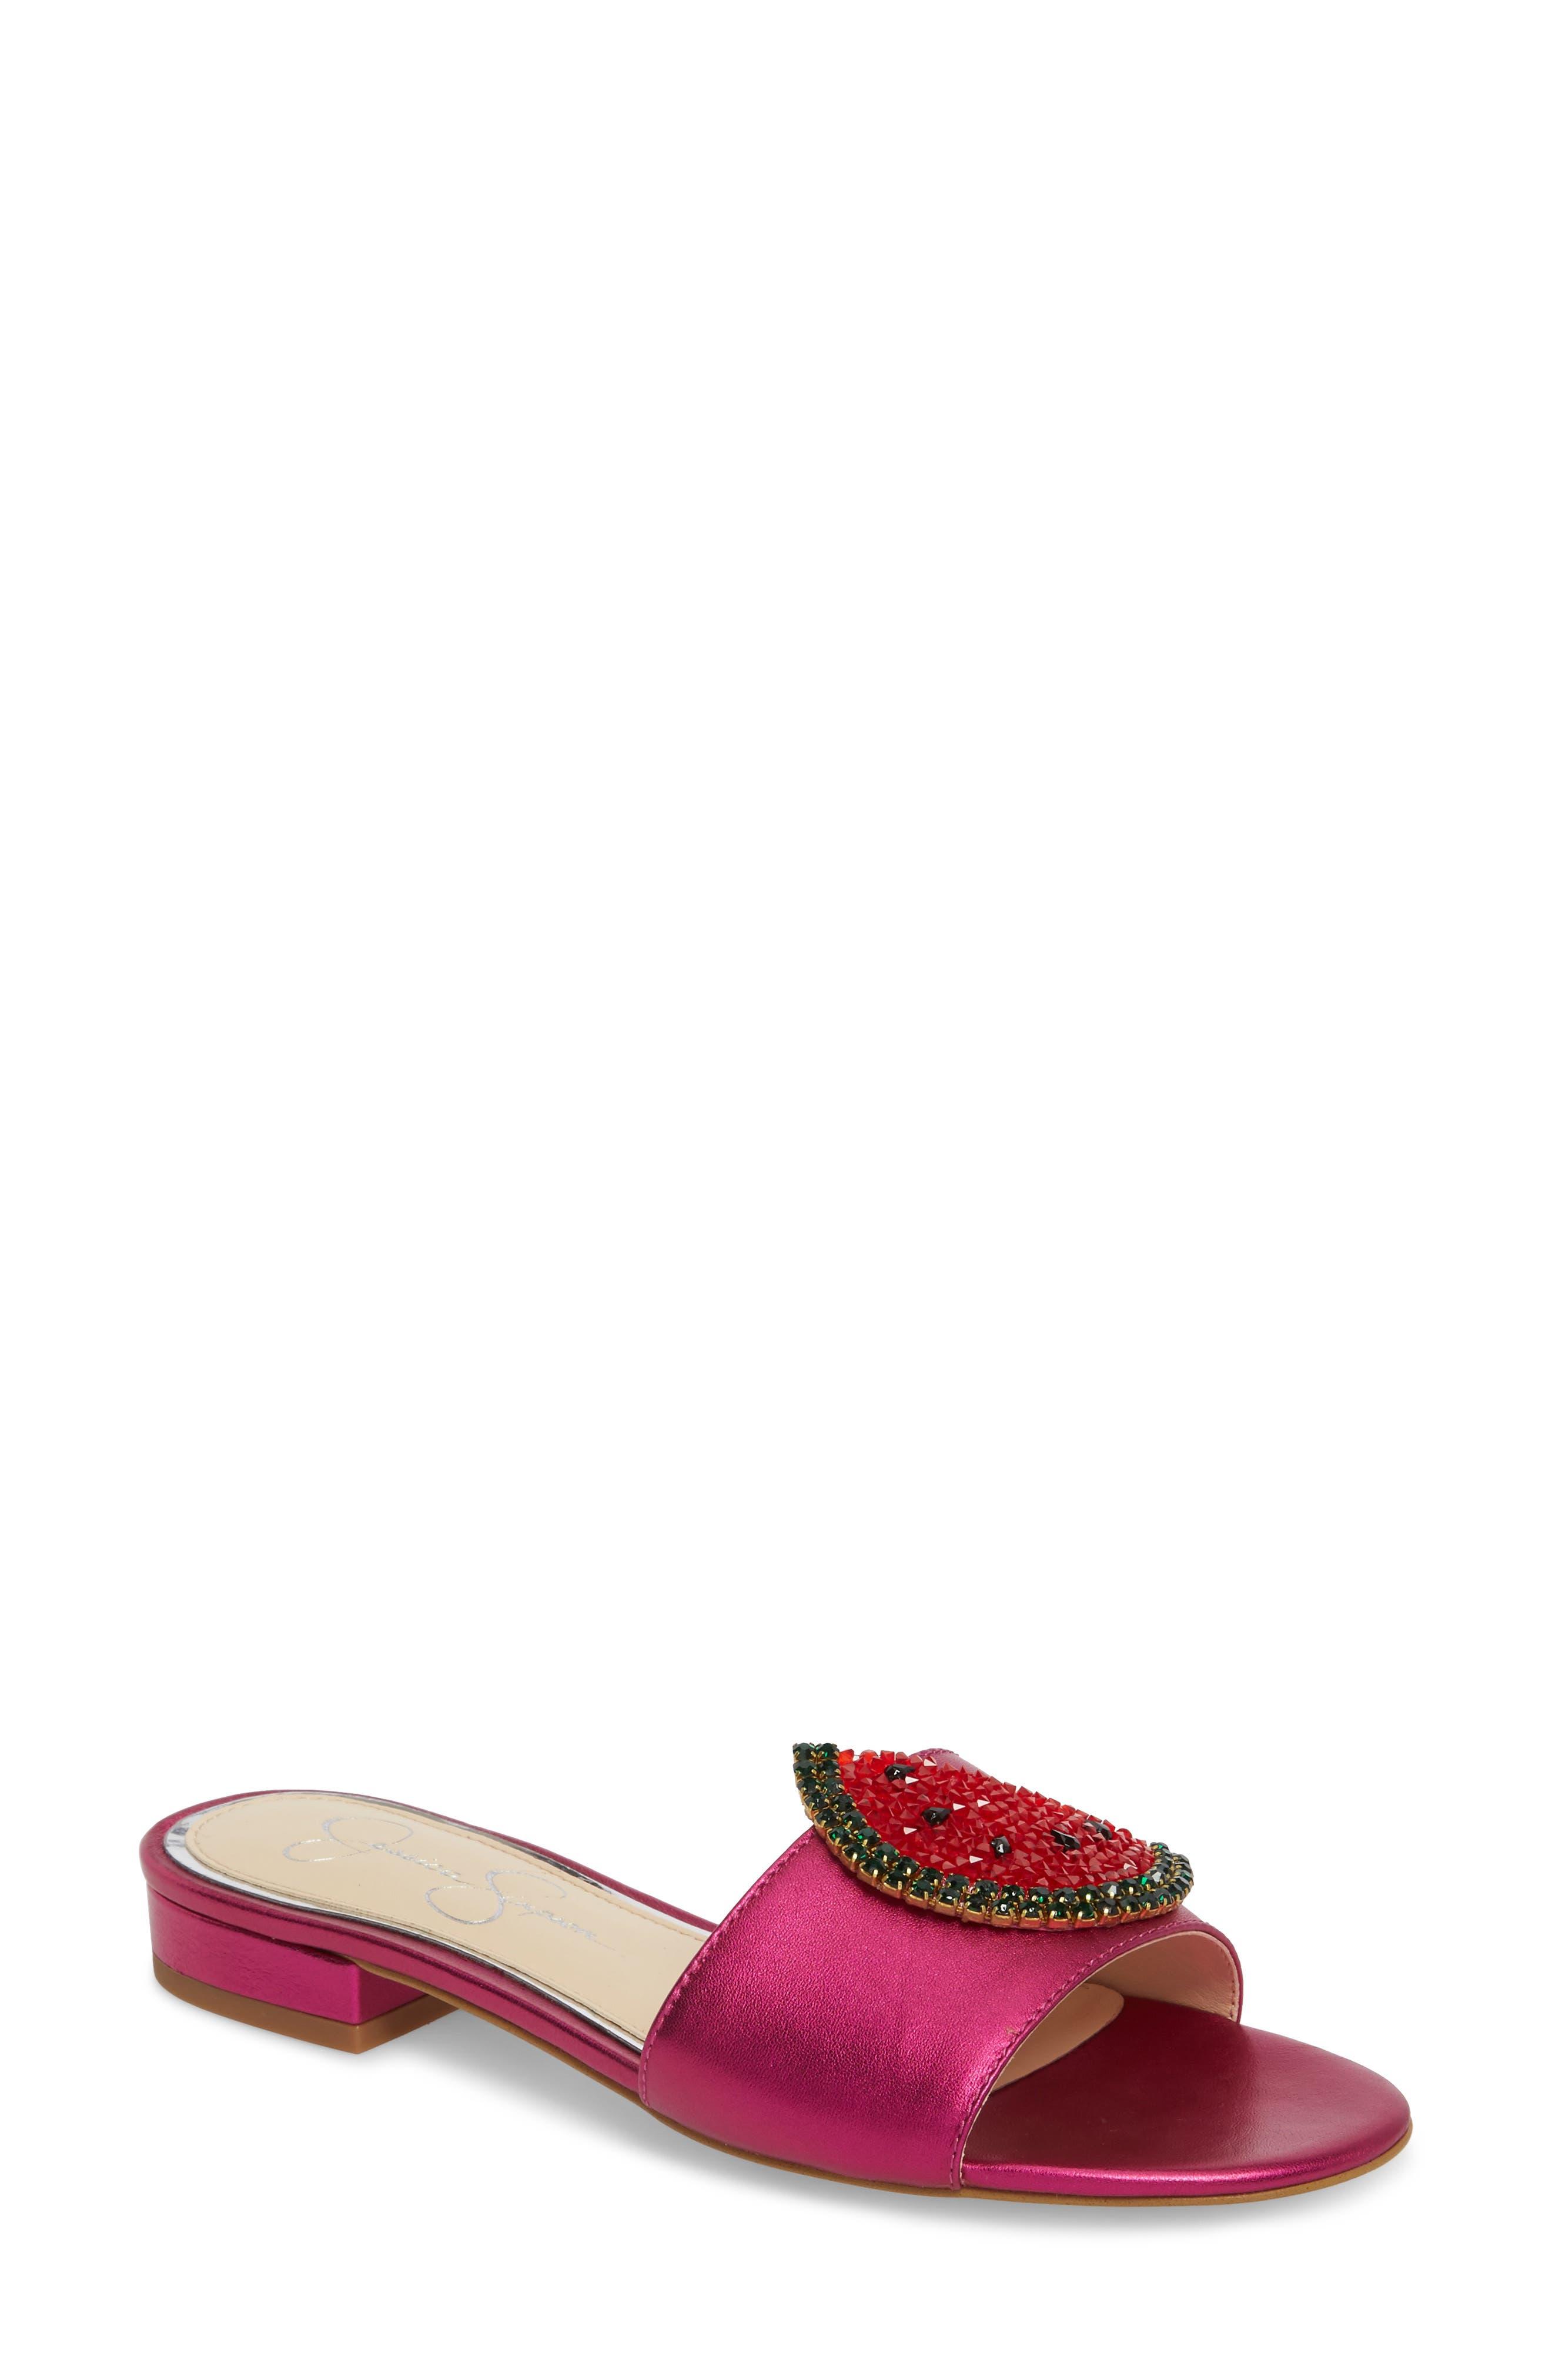 Women's Crizma Slide Sandal